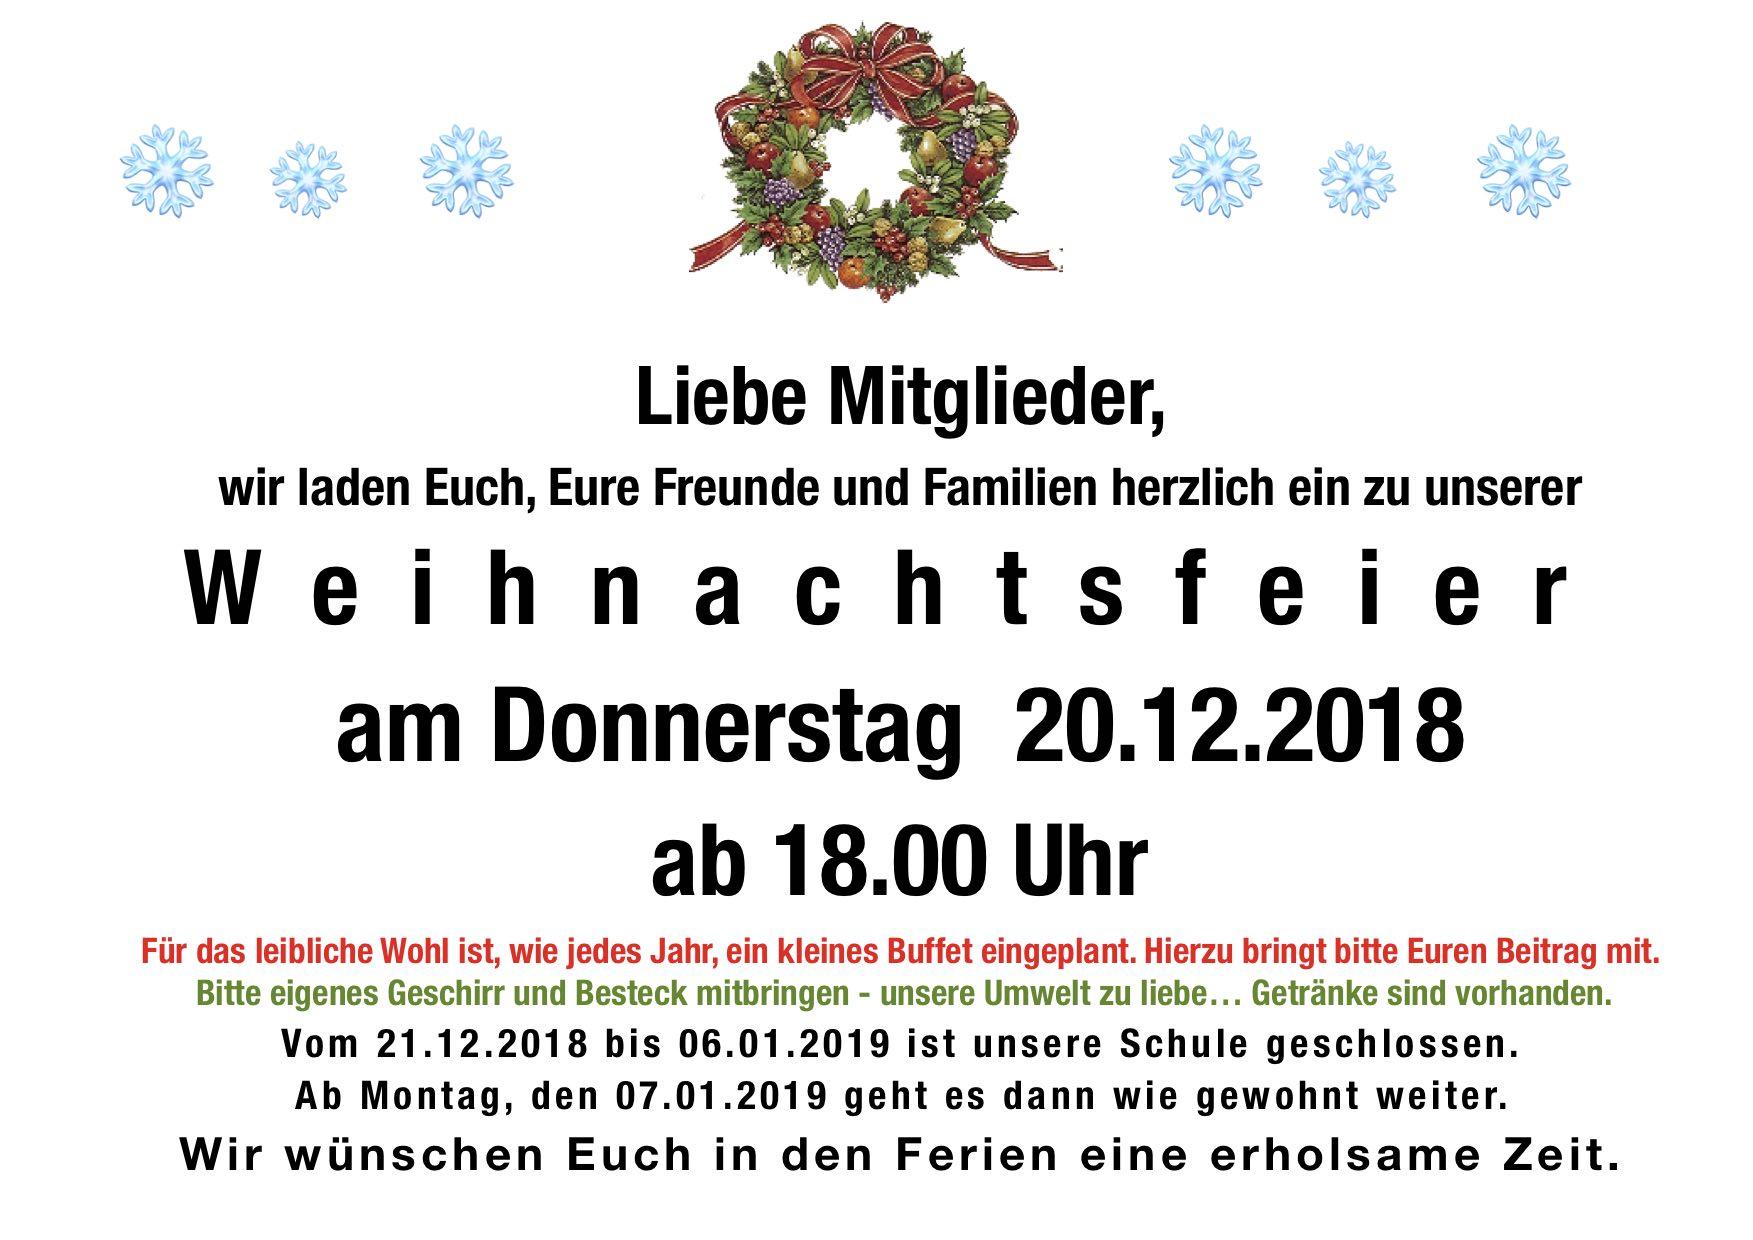 Beitrag Zur Weihnachtsfeier.Weihnachtsfeier 2018 Kampfkunstschule Germering